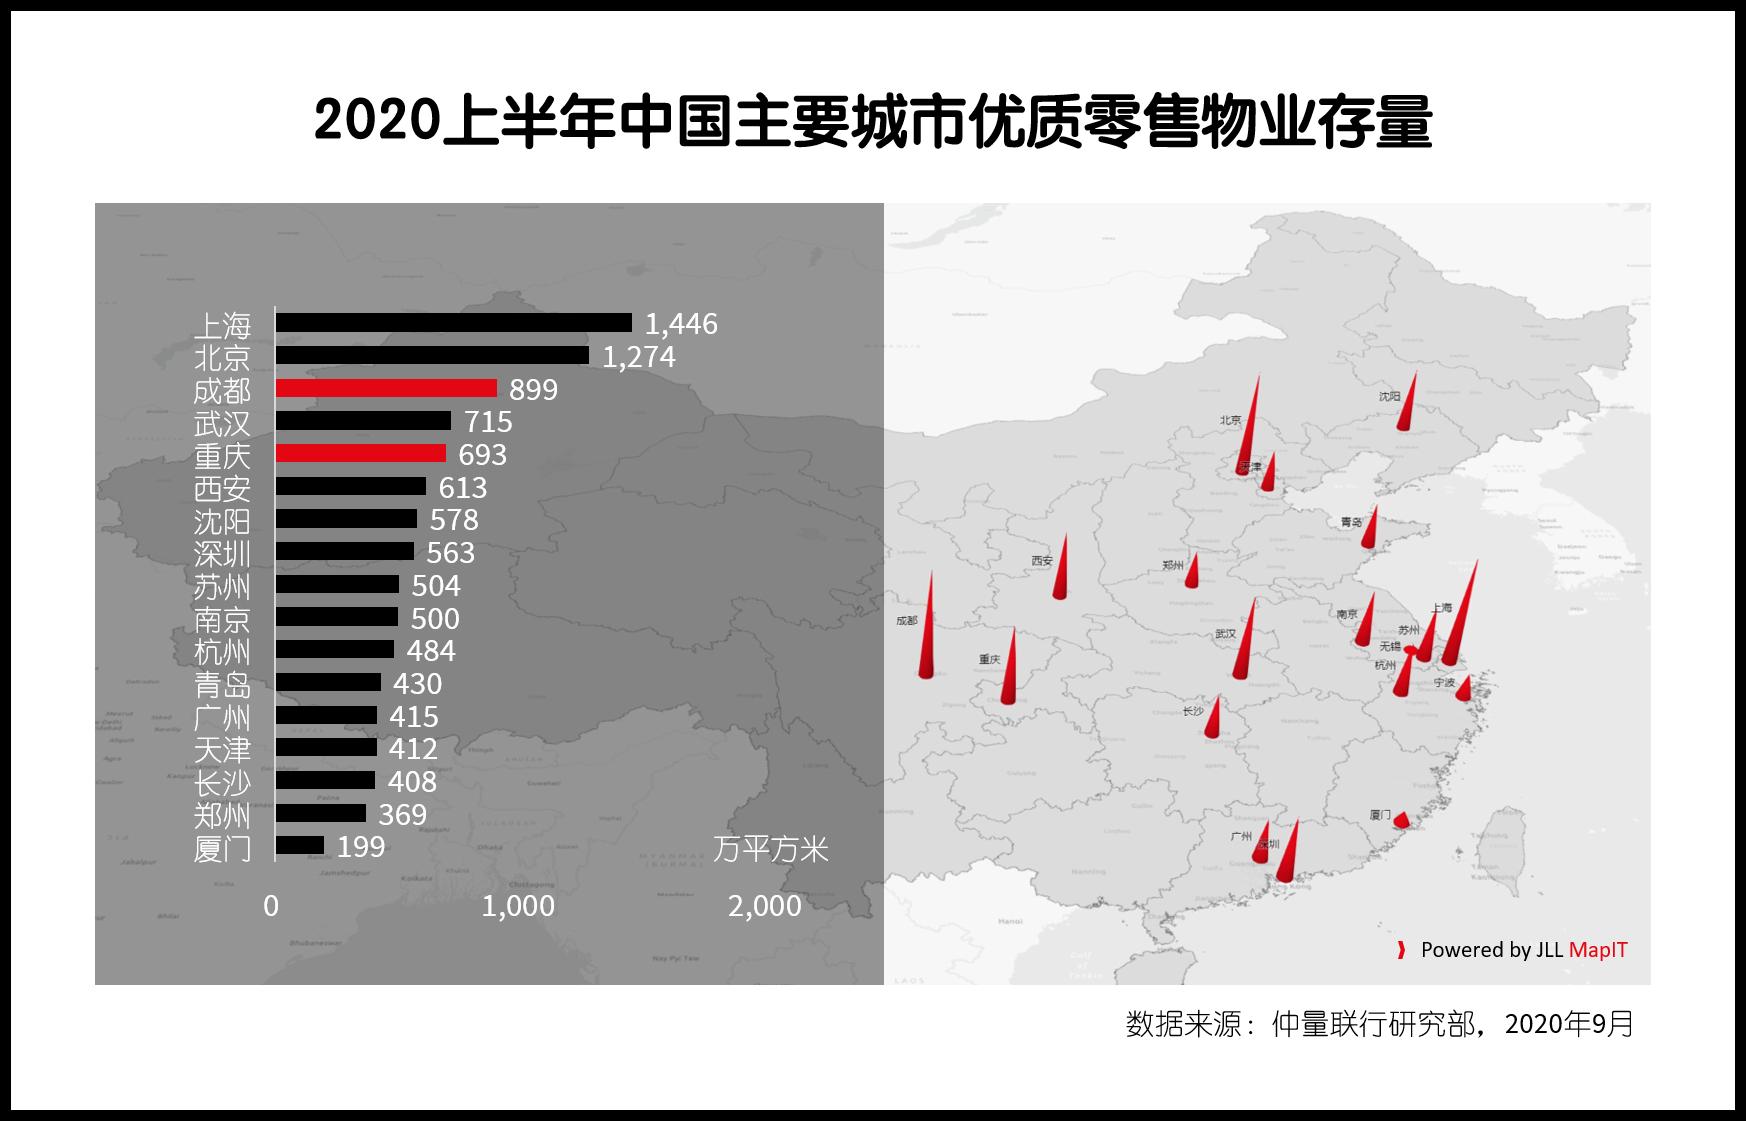 仲量联行:弯道超车,成渝稳坐中国城市群消费第四极